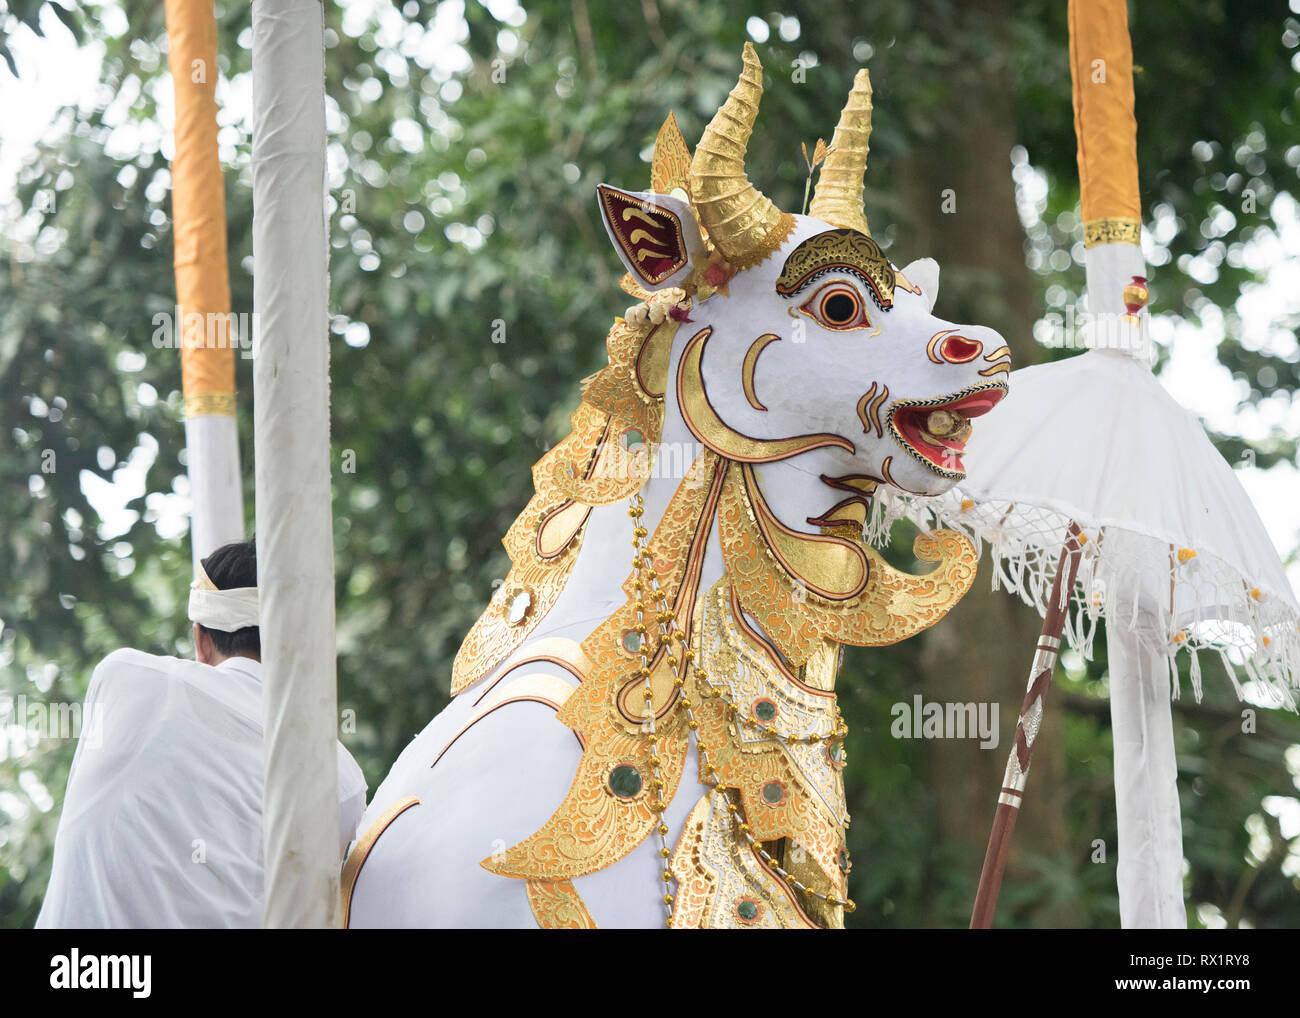 Vue arrière de l'homme assis par bull sculpture contre des arbres au cours de la cérémonie de crémation Photo Stock